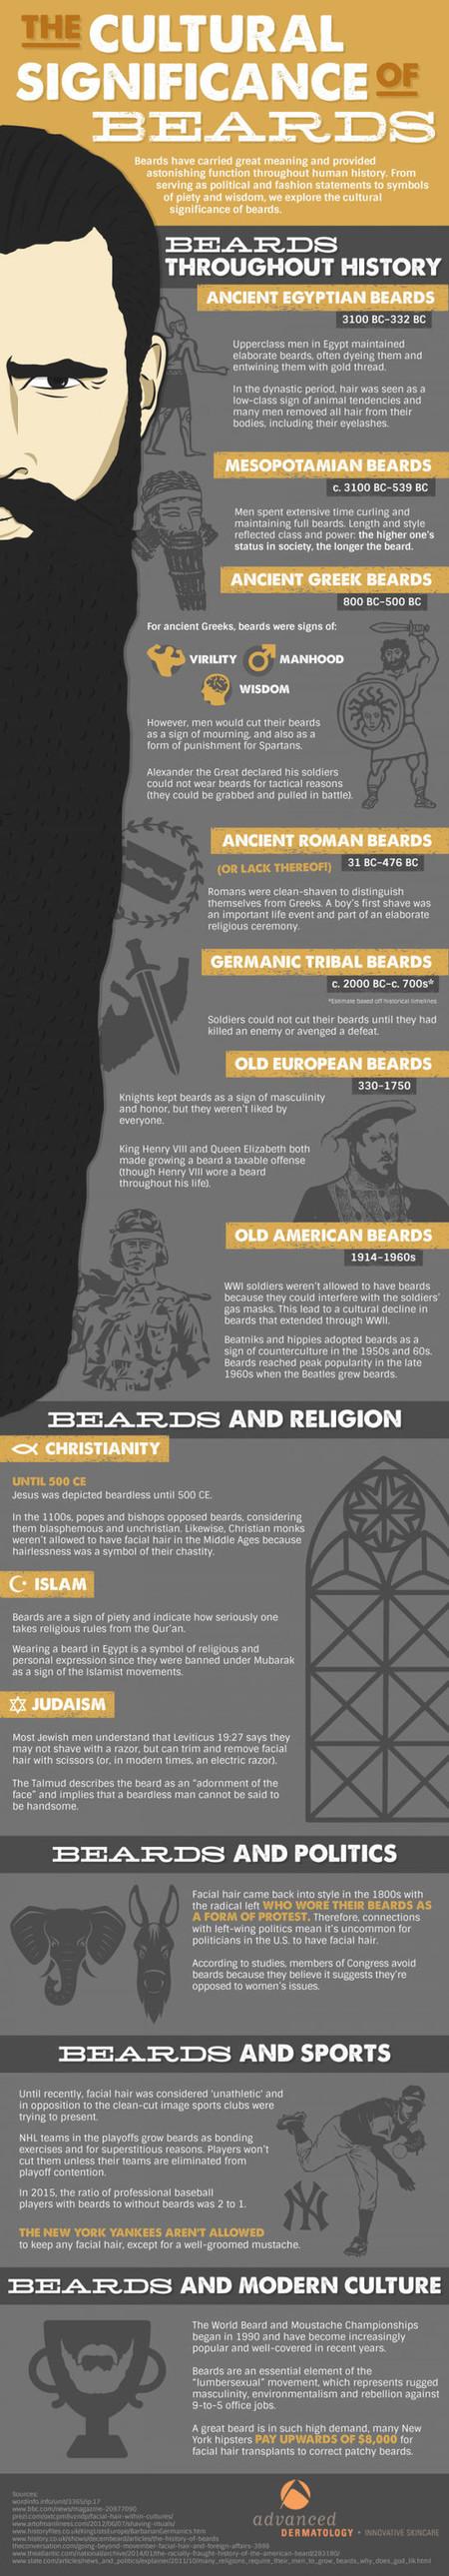 La Barba A Traves De La Historia Una Interesante Infografia Sobre El Vello Facial